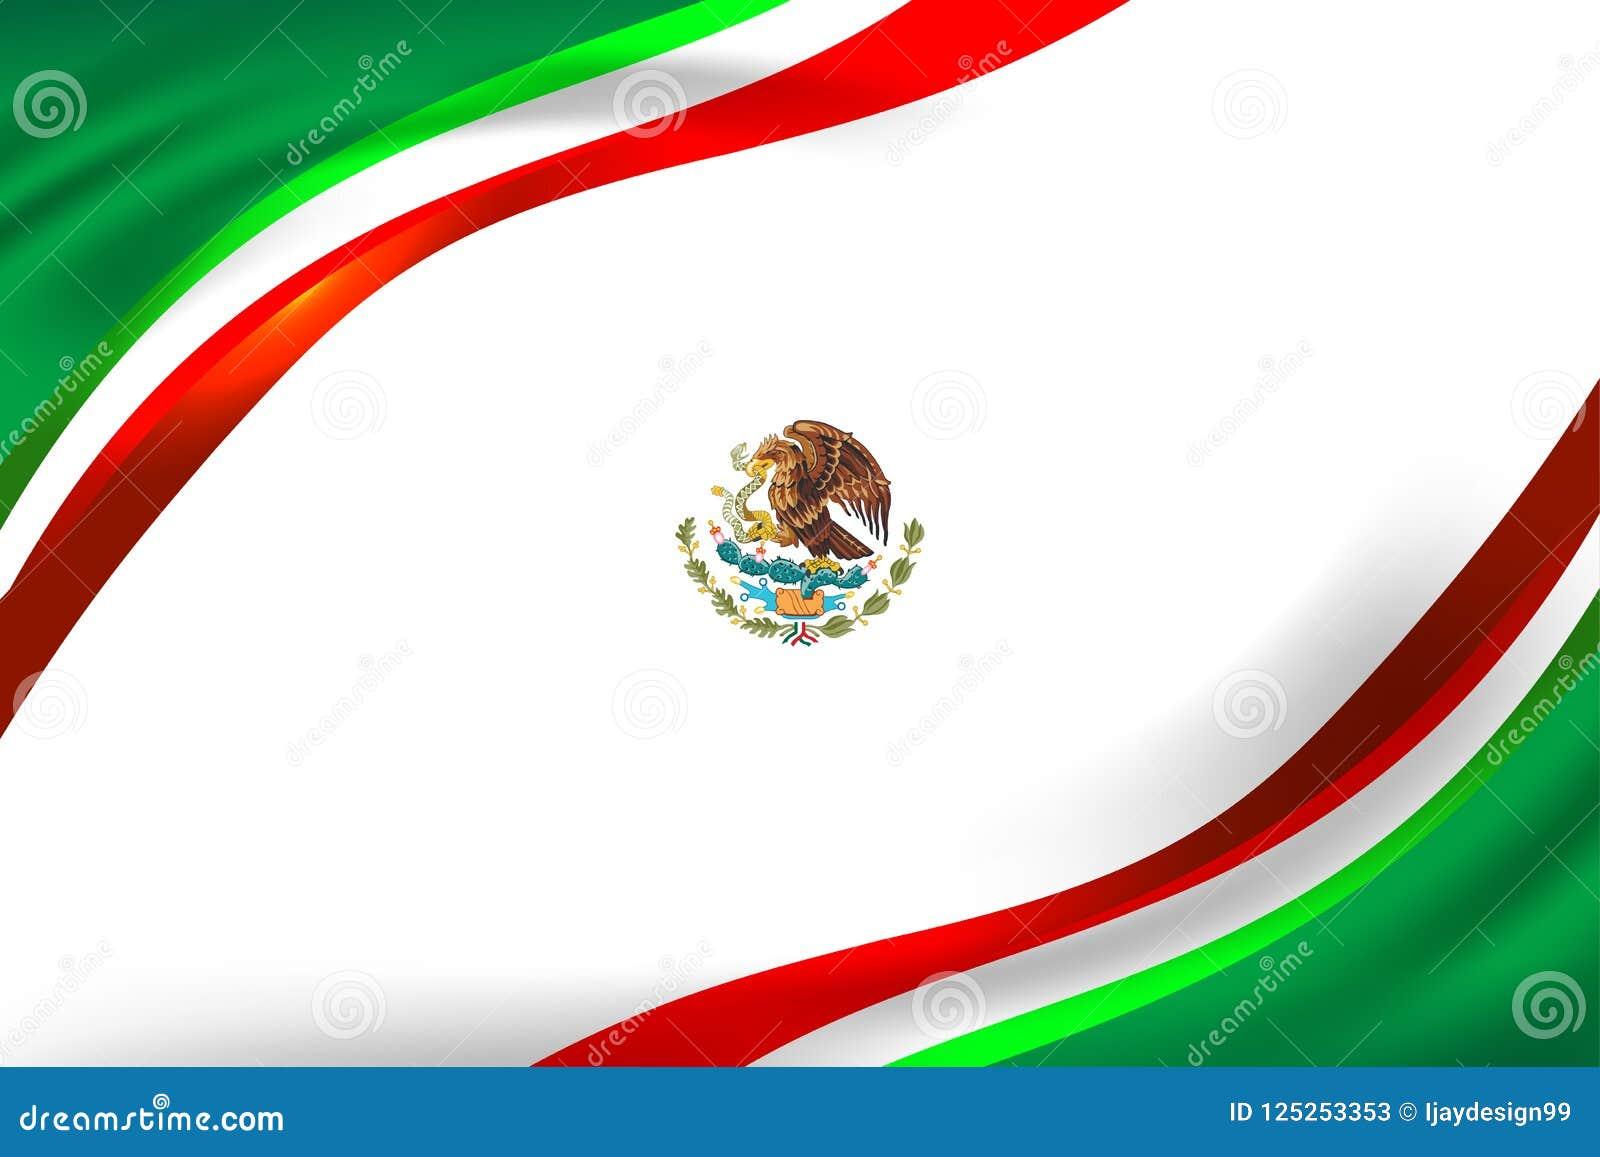 Concepto Del Fondo Del Color De La Bandera De México